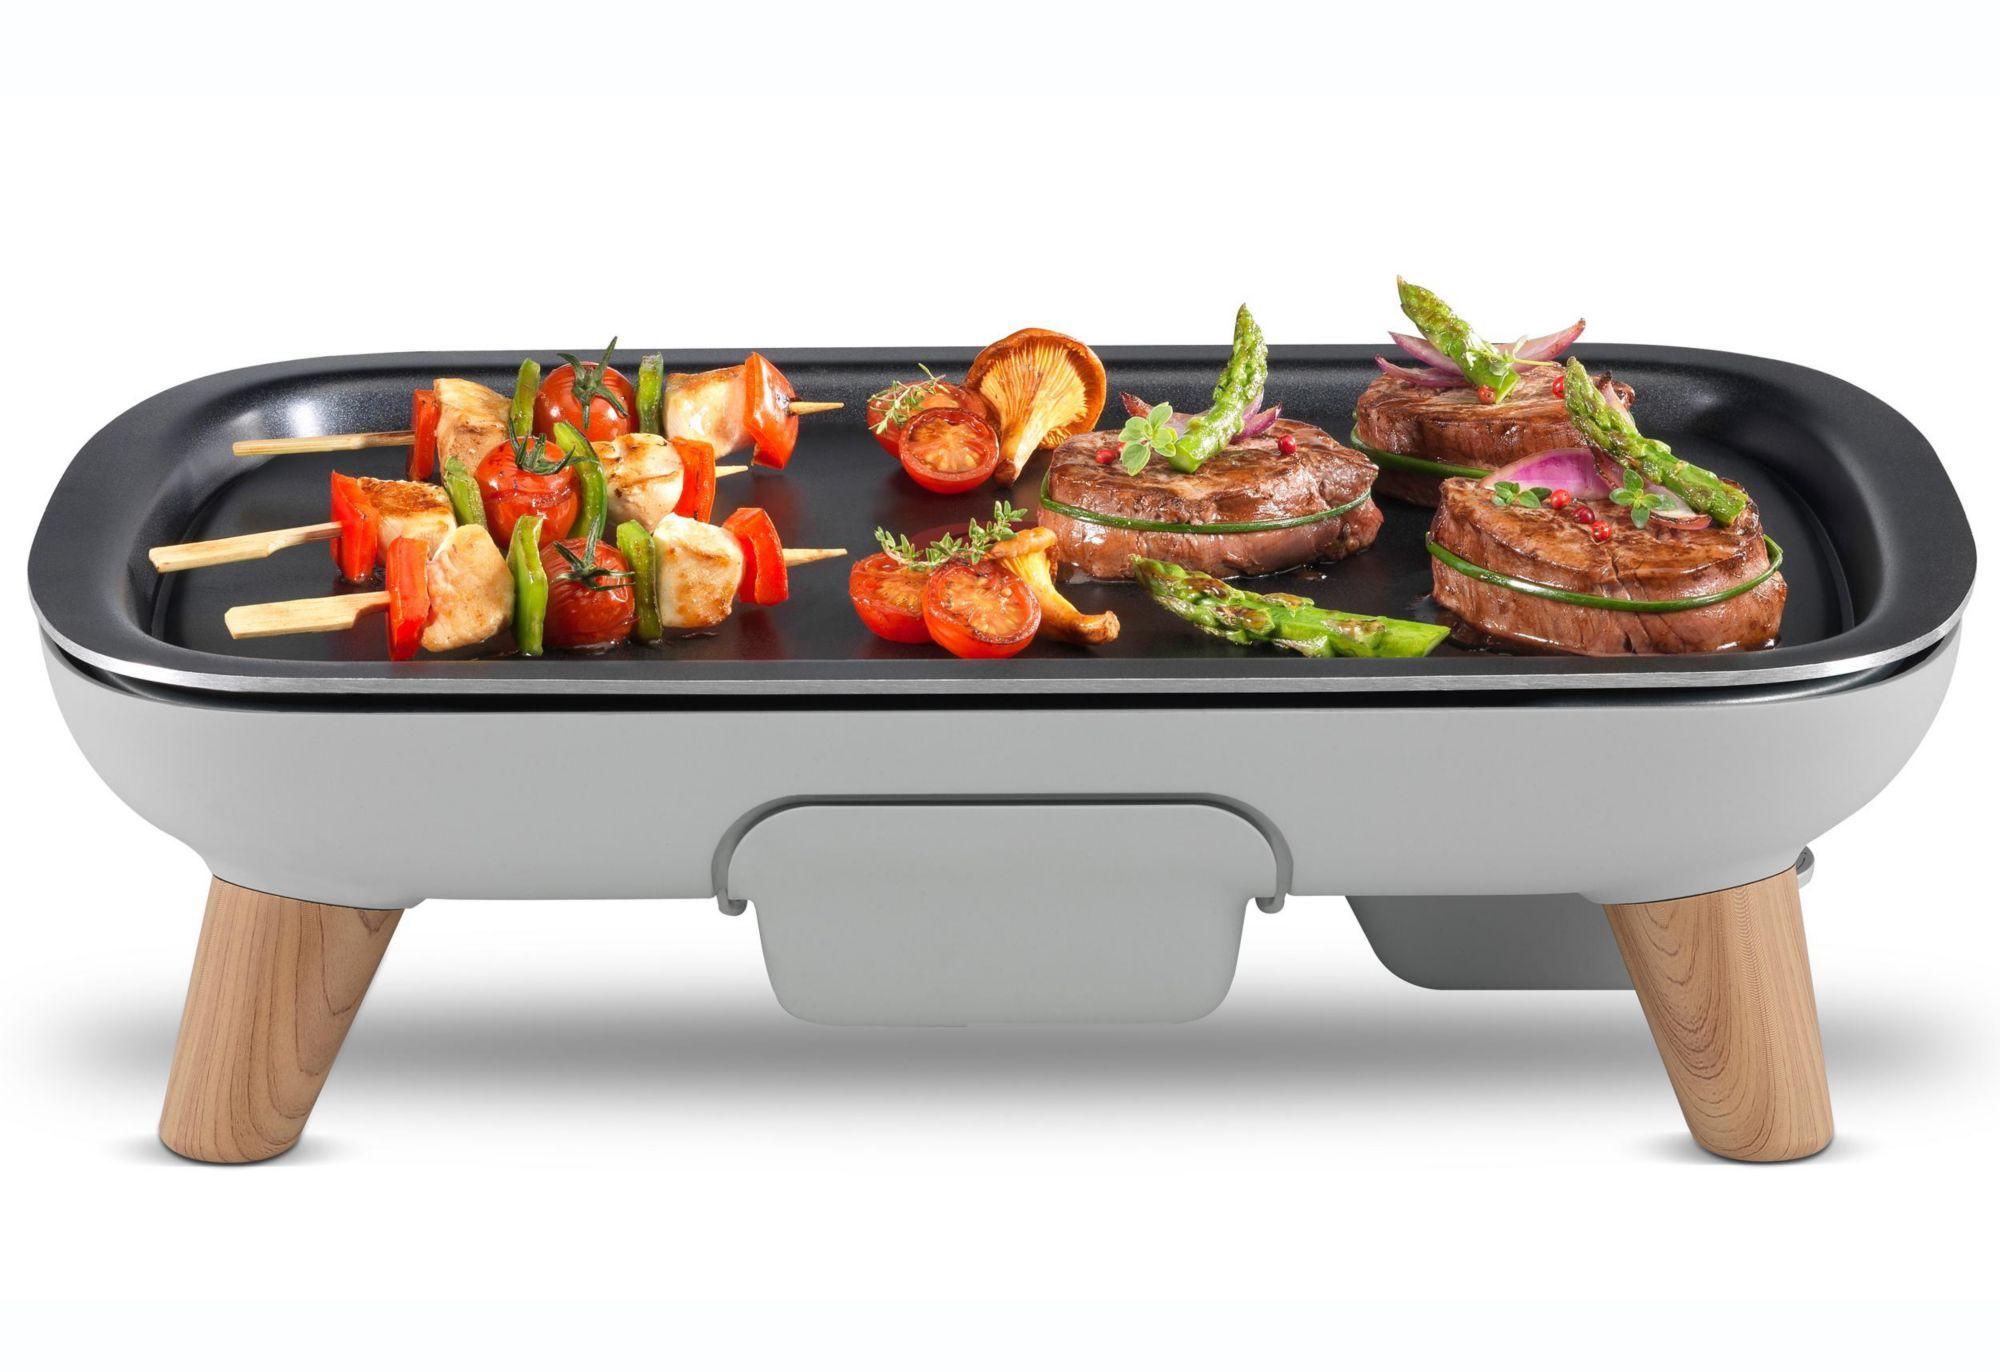 Aldi Holzkohlegrill Ikea : Wunderbar gasgrill aldi nord abbildung sbgradmag